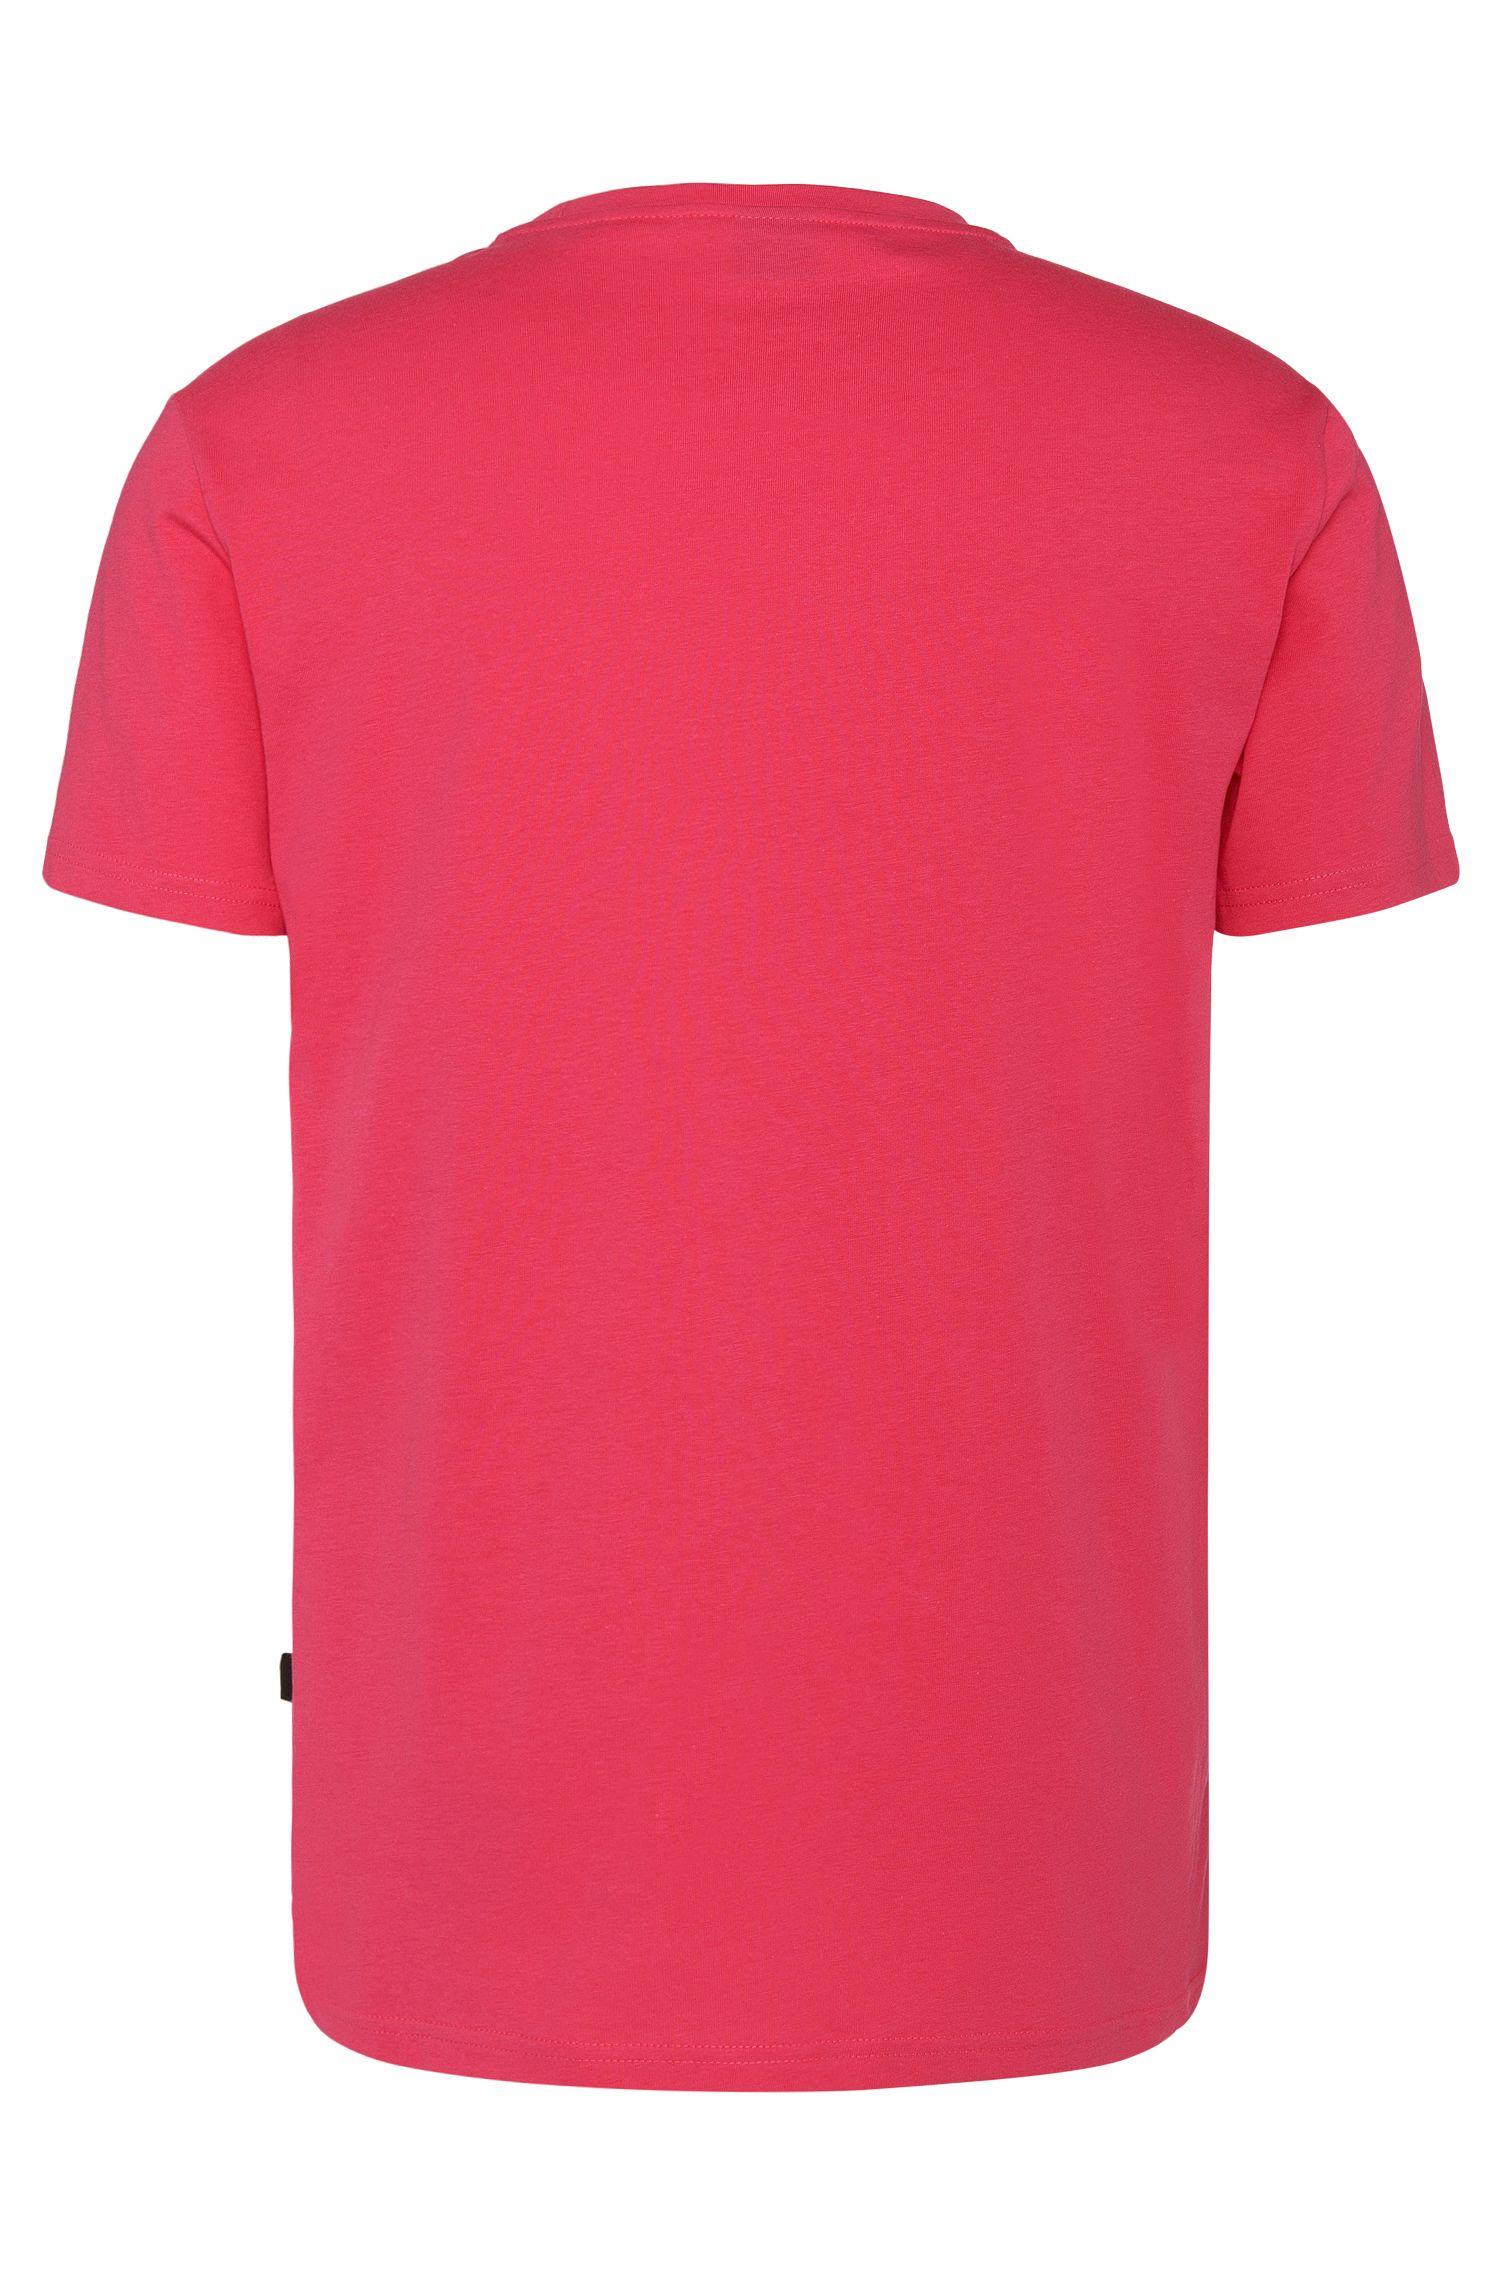 T-shirt van katoen met uv-bescherming: 'T-Shirt RN UV-Protection'